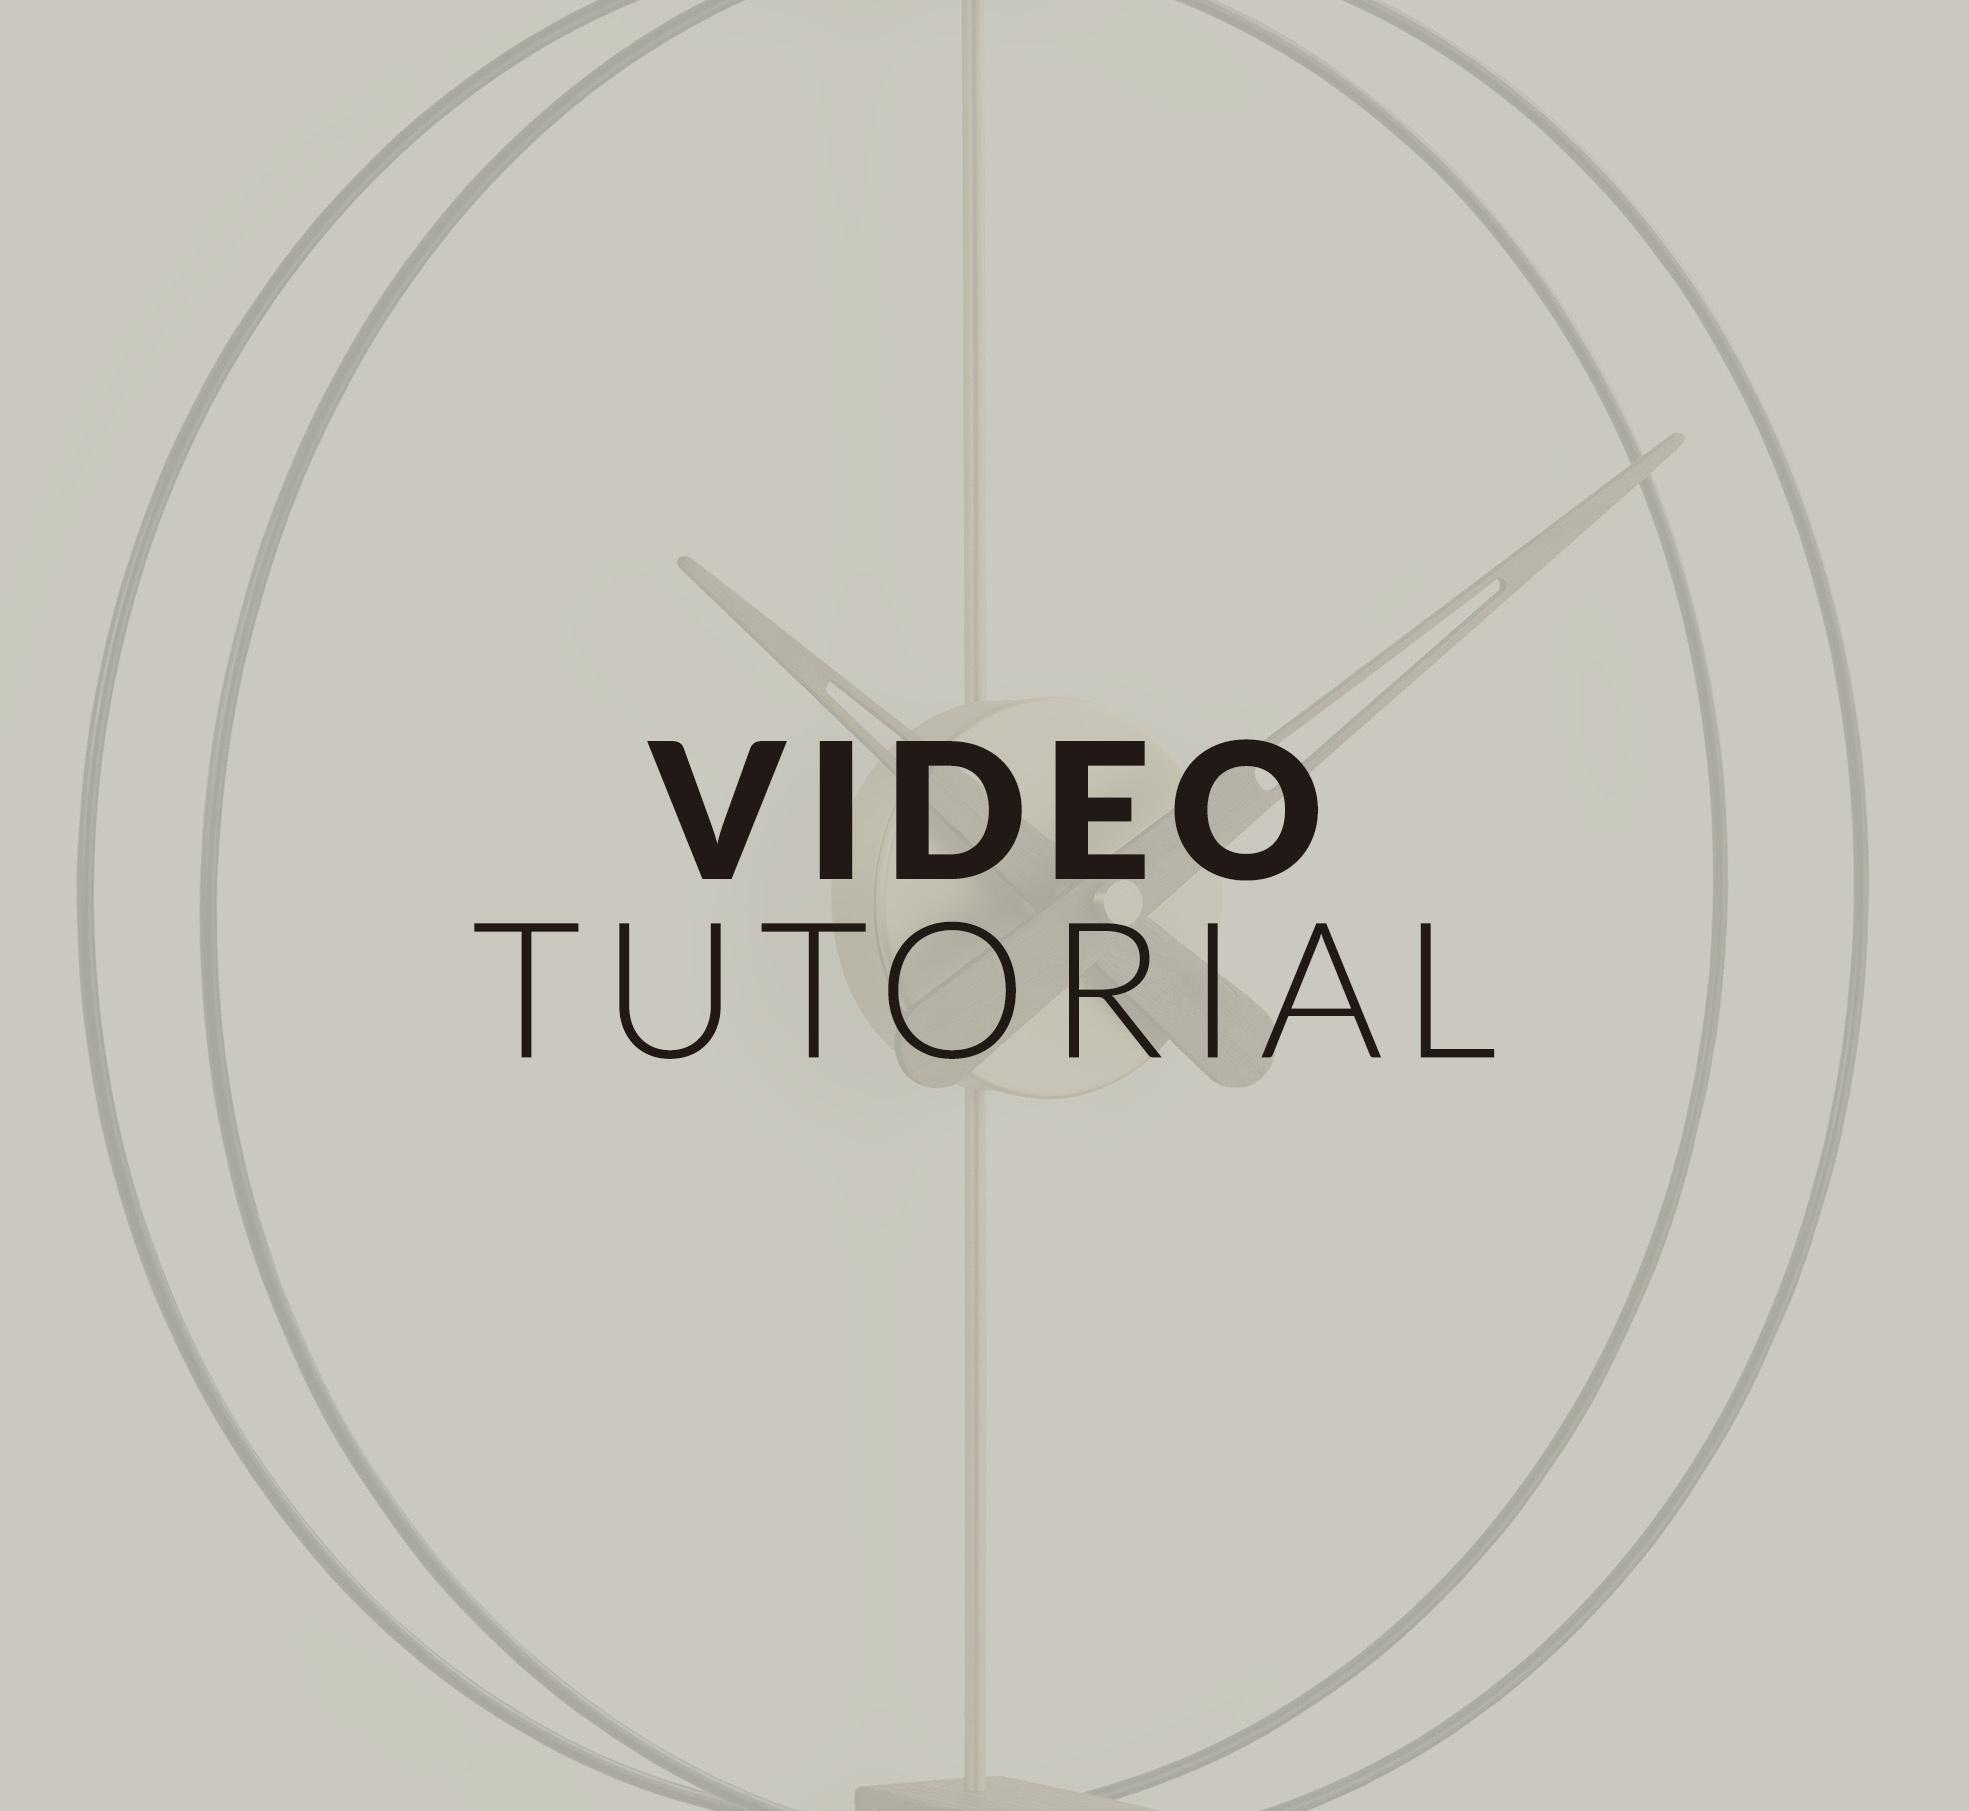 videotutorial-nomon-clocks-2020